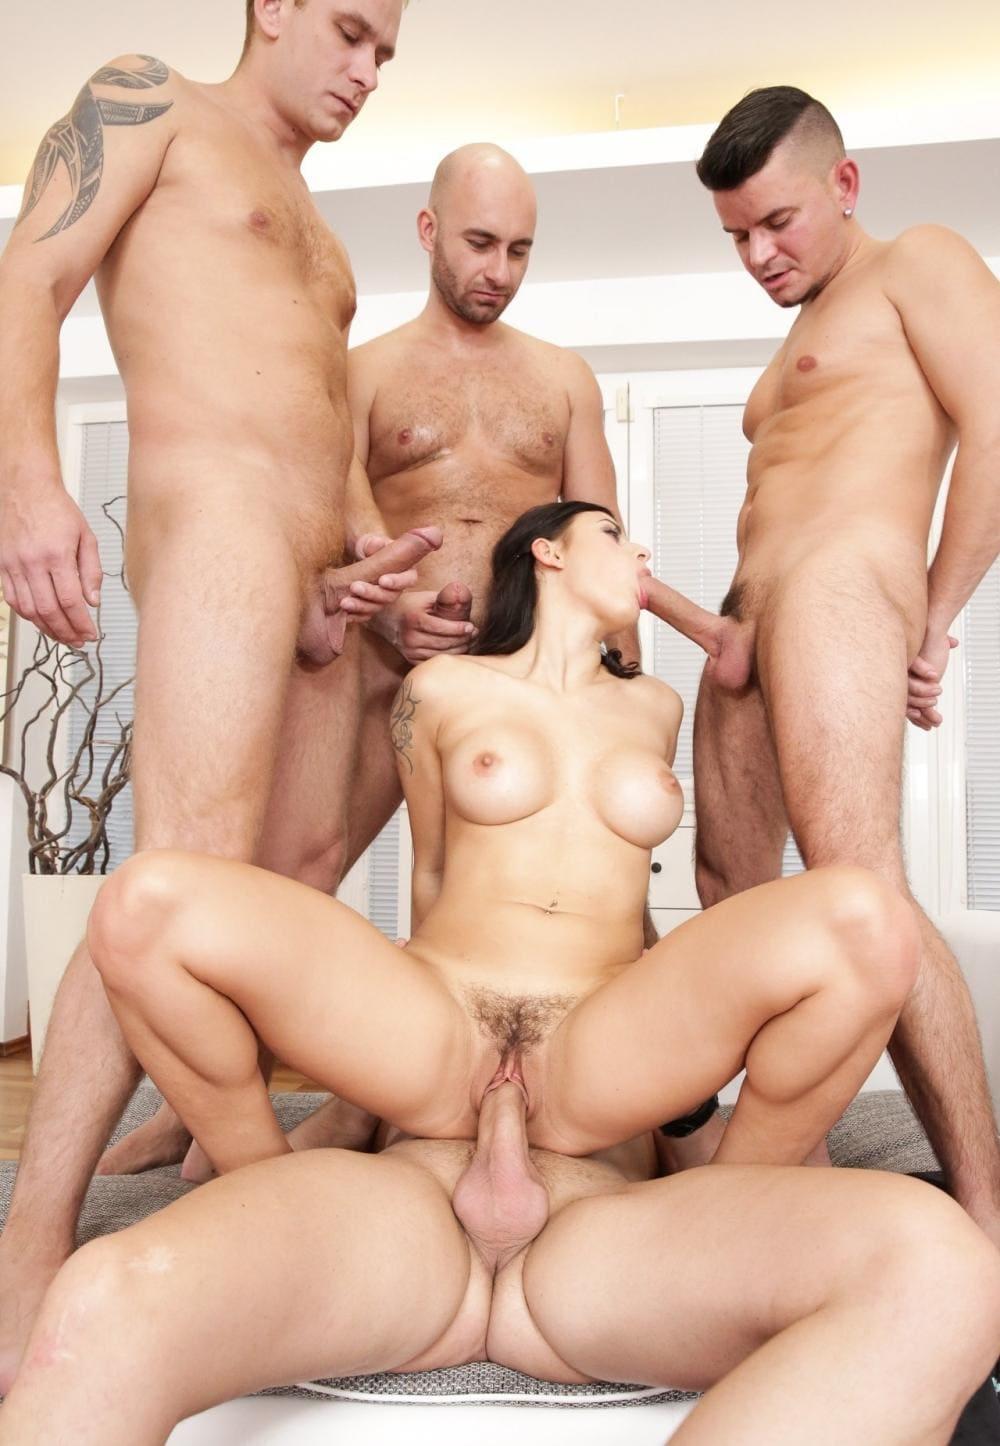 Порно групповой секс четверо мужчин трахают одну брюнетку во все дырочки по очереди, а она еще успевает сосать их члены